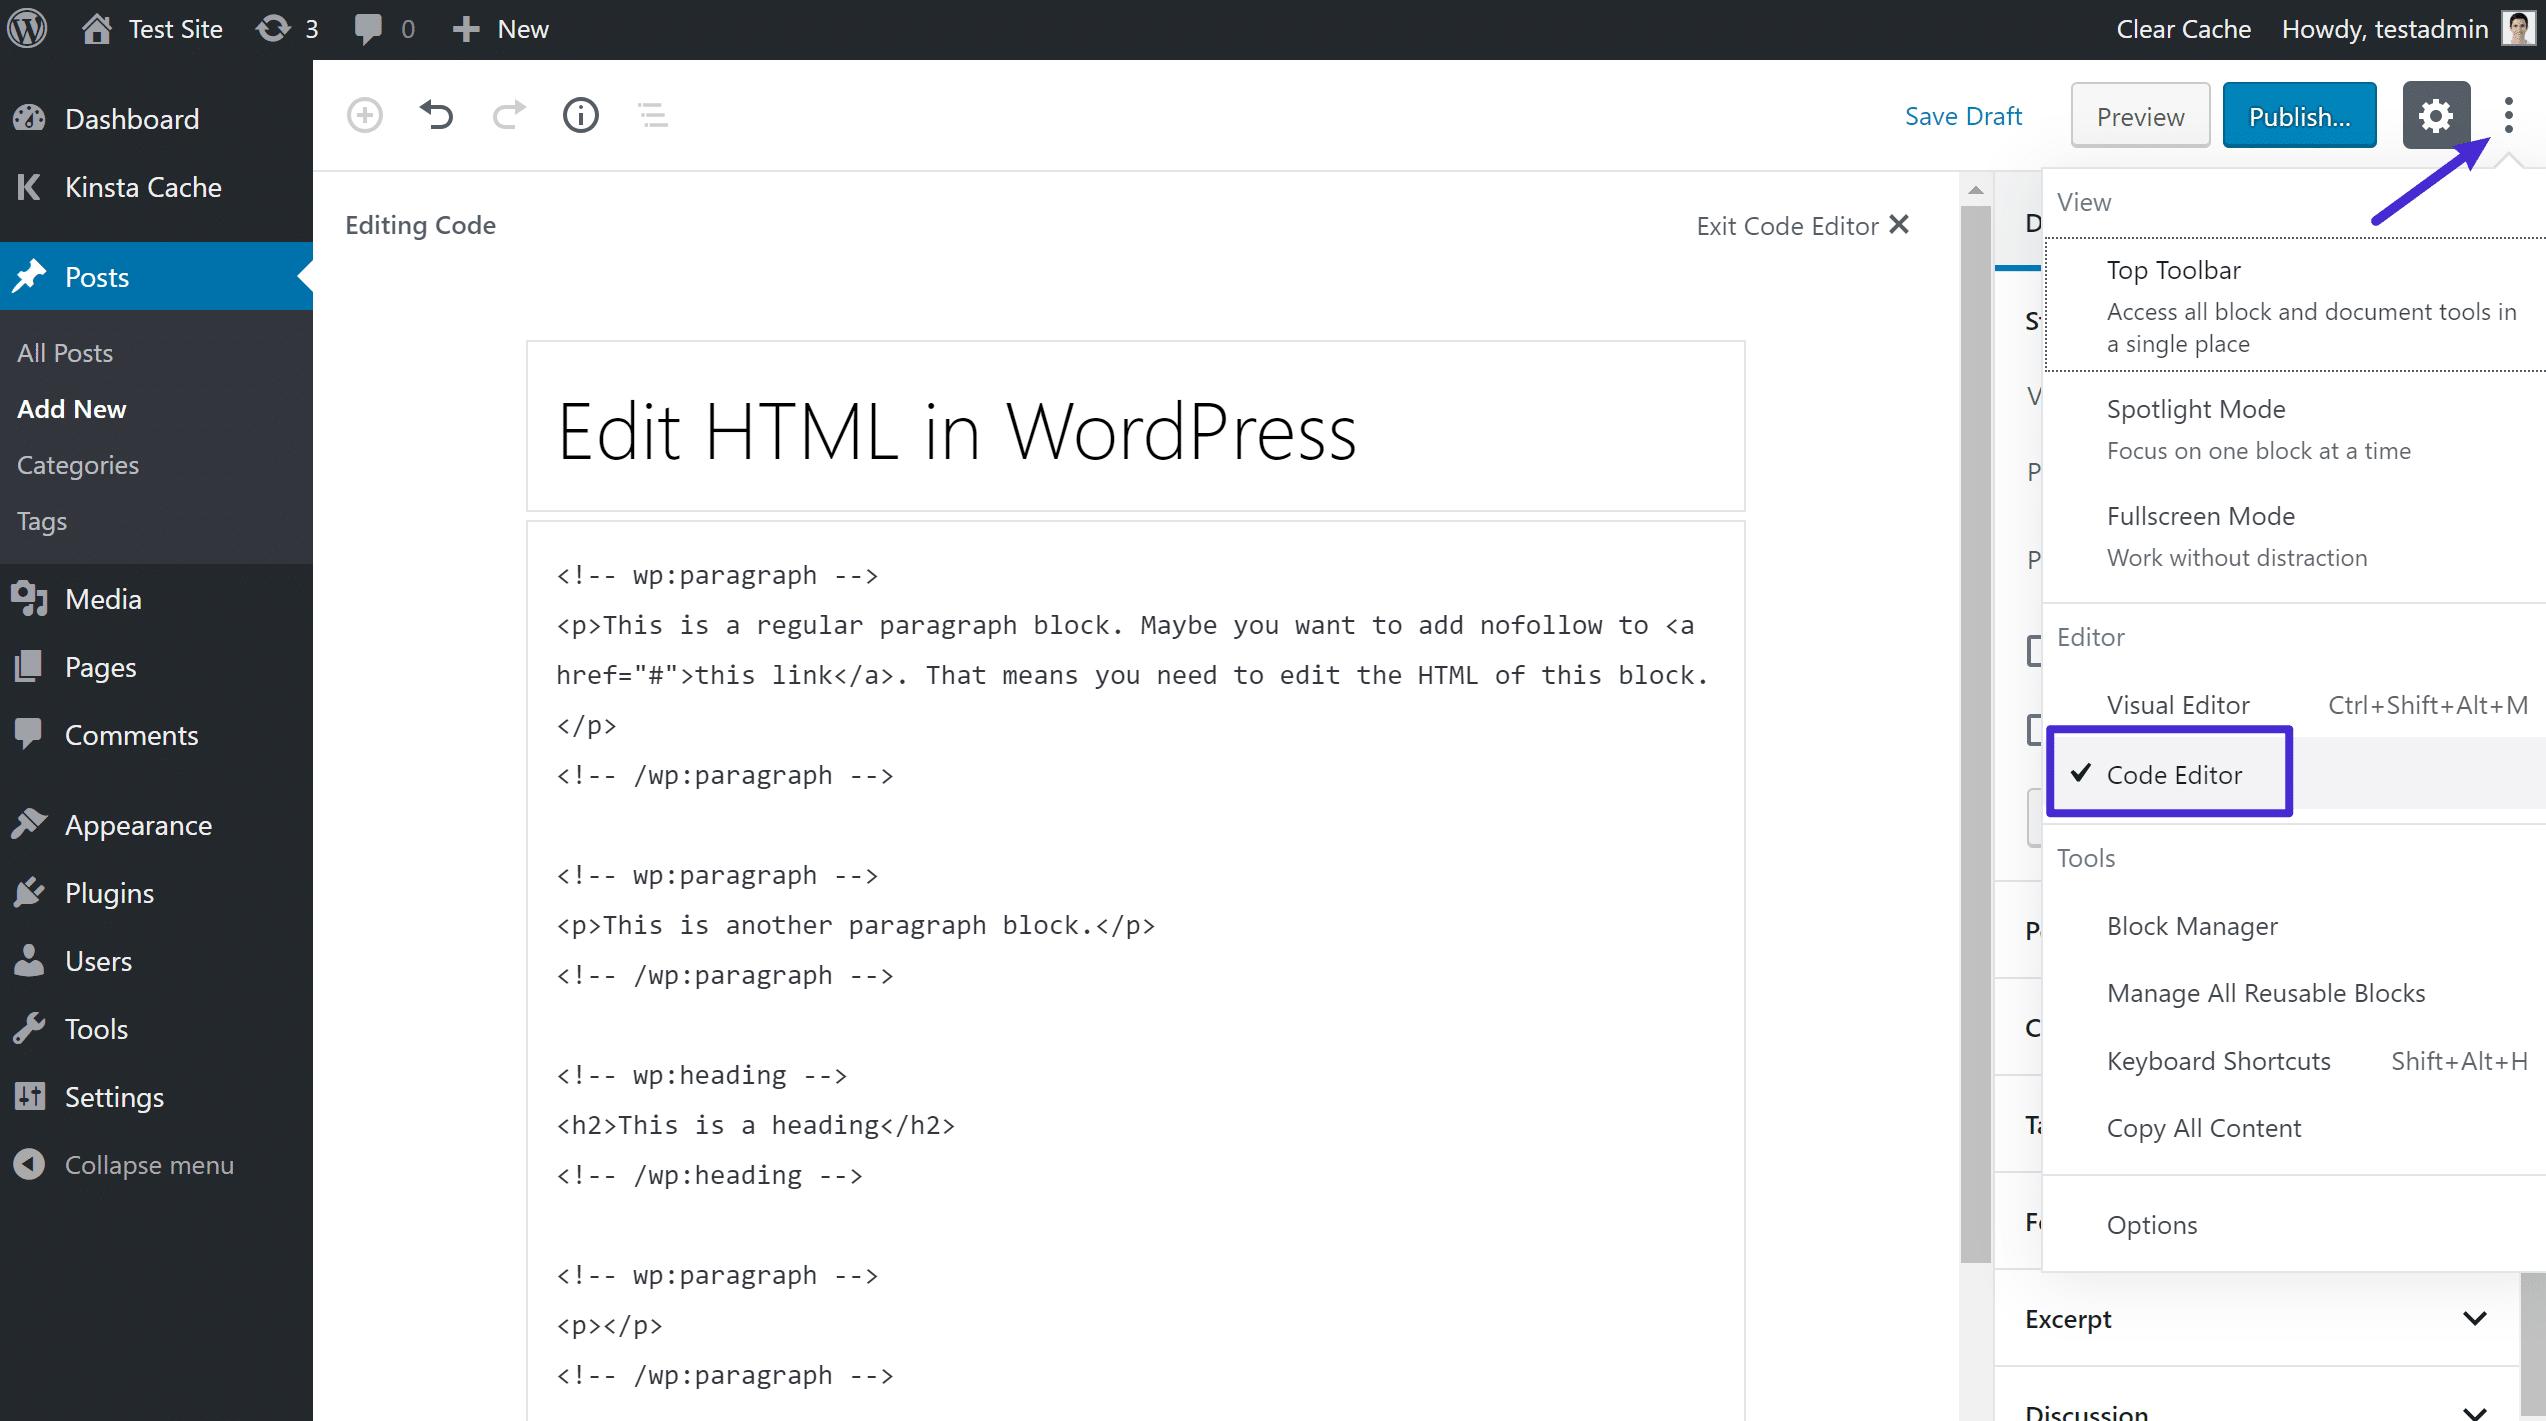 Como aceder ao editor de código completo no Gutenberg